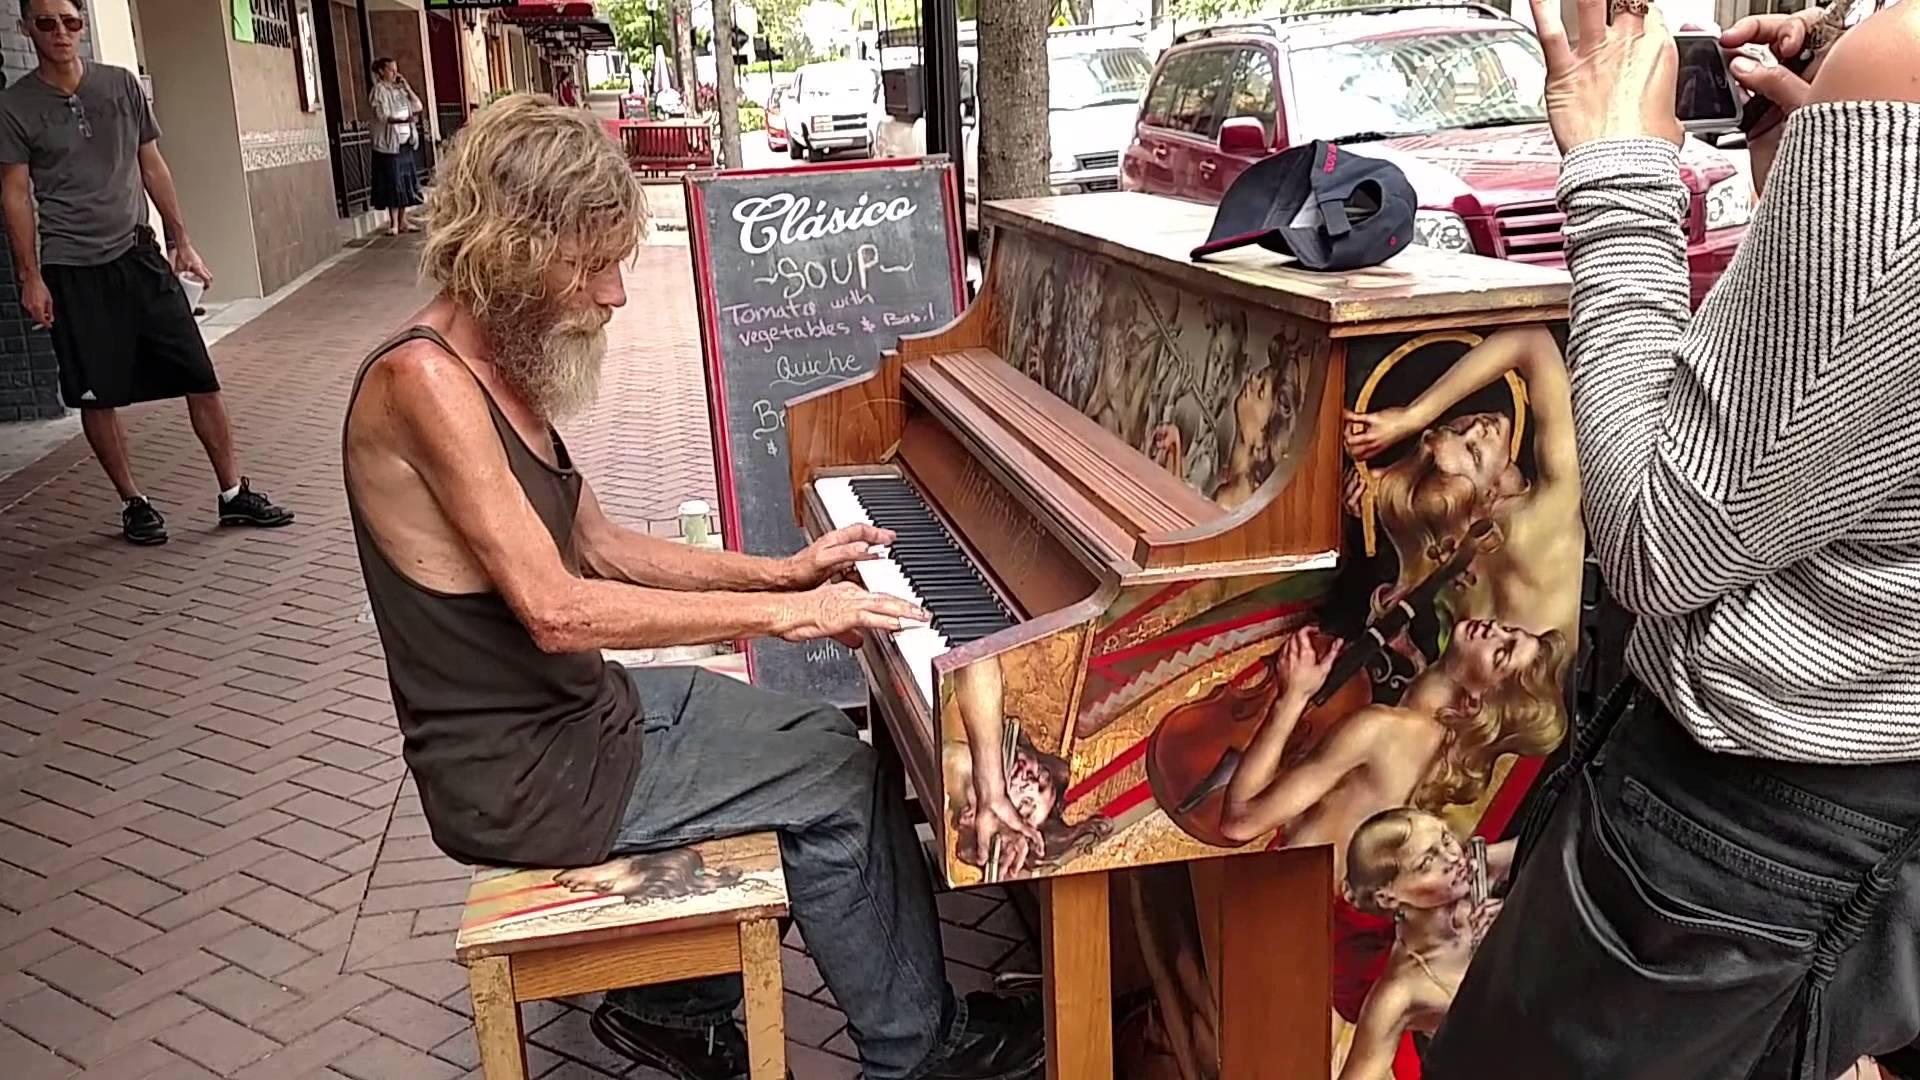 VIDEO: Kodutu mees hakkab tänaval klaverit mängima - hämmastav, kui hästi ta seda teeb